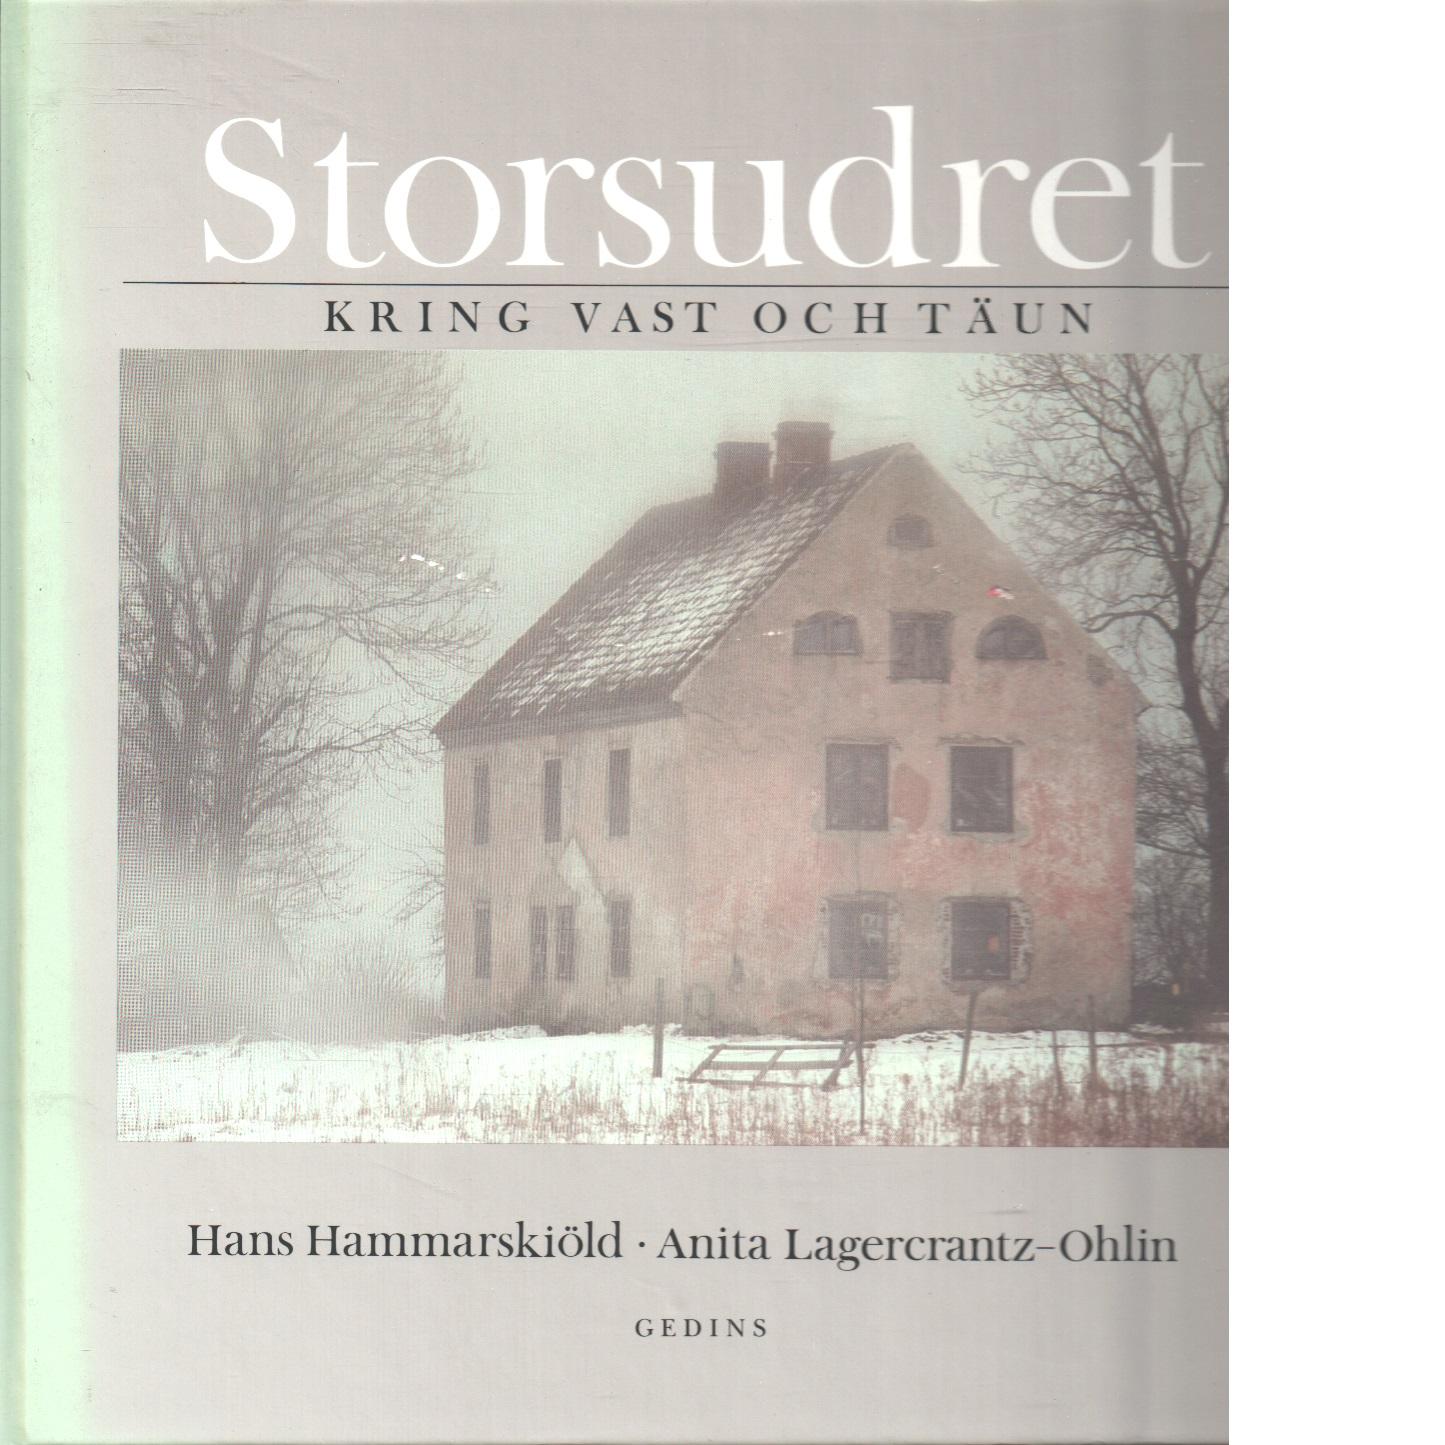 Storsudret : kring vast och täun - Hammarskiöld, Hans och Lagercrantz-Ohlin, Anita